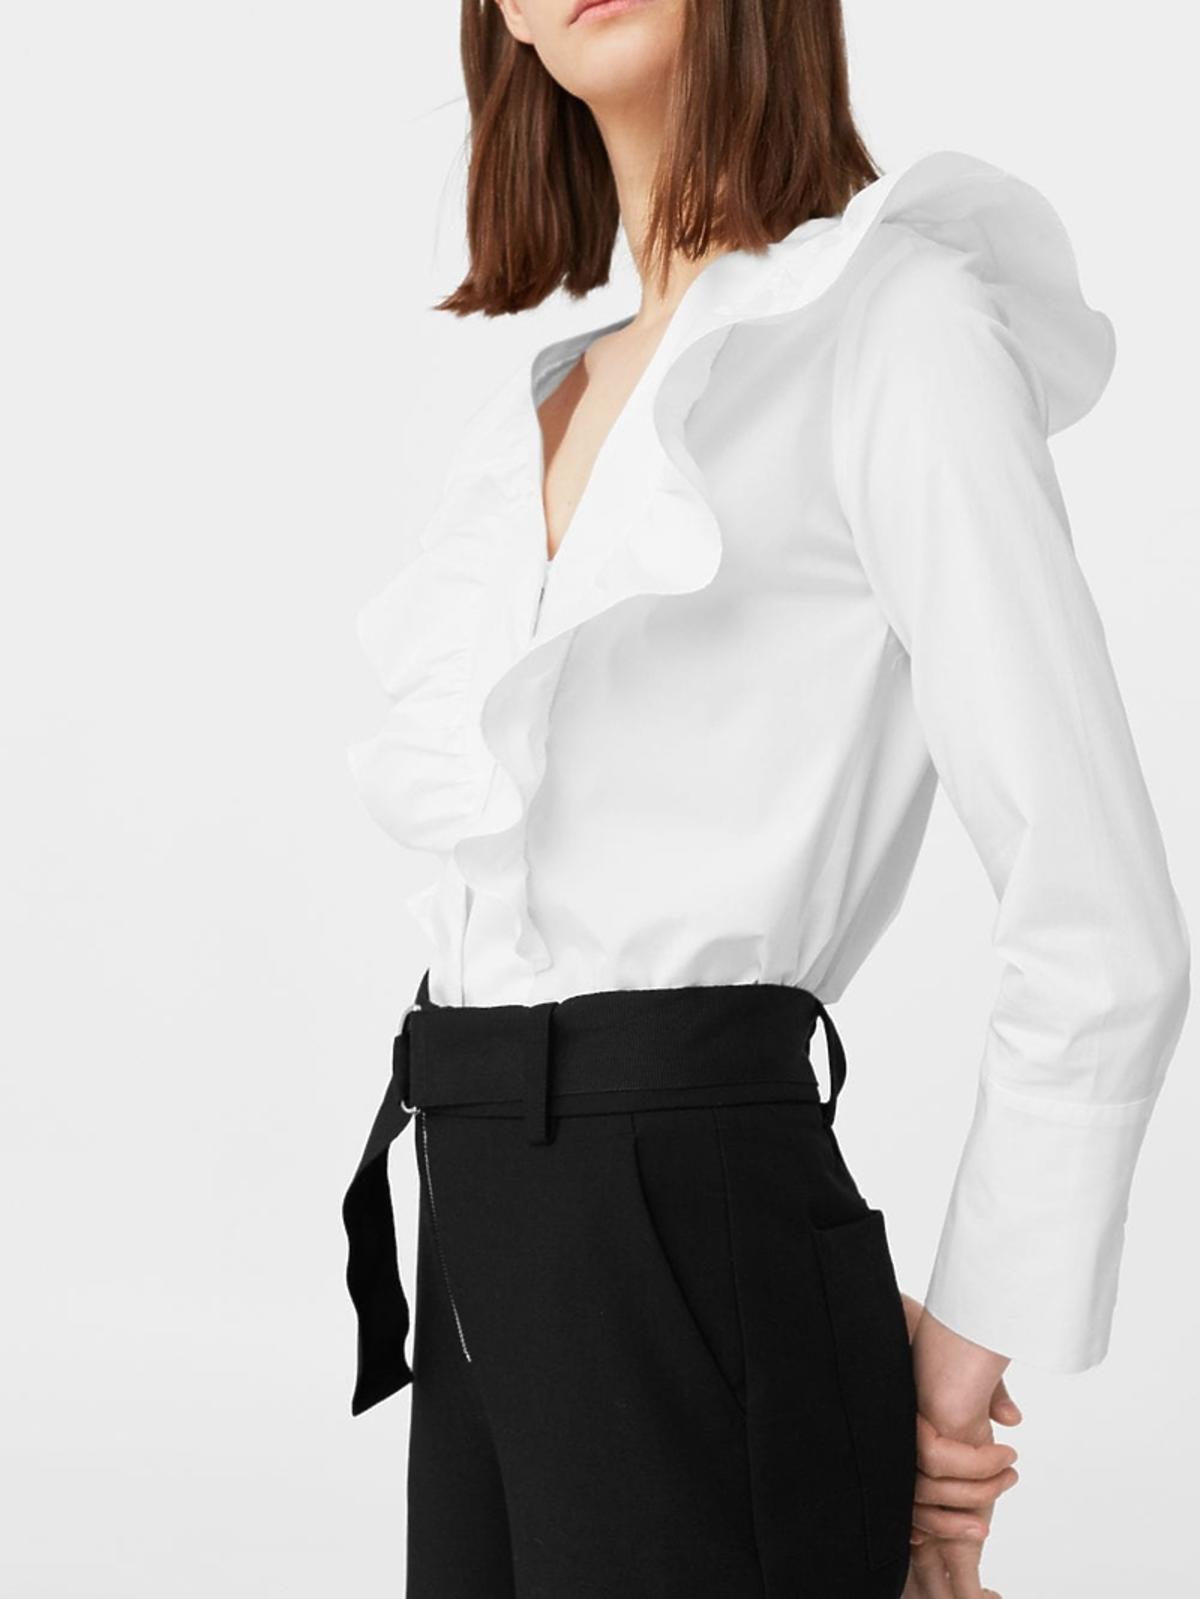 Biała bluzka z falbaną Mango, 119 zł